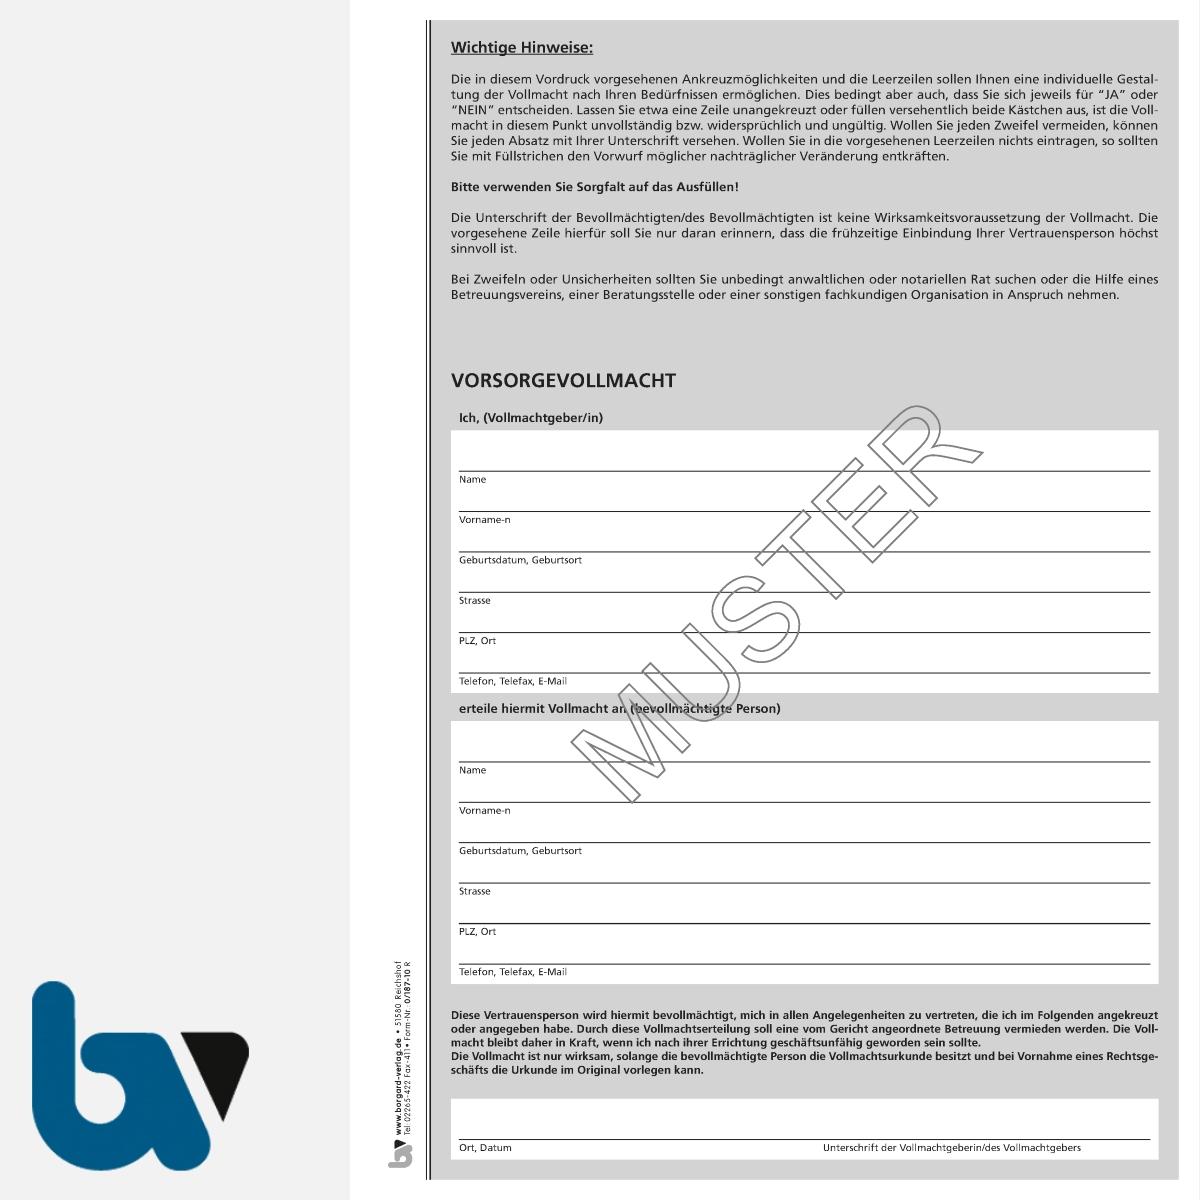 0/187-10 Vorsorgevollmacht schriftlich Muster Bundesministerium Justiz Betreuungsverfügung Patientenverfügung DIN A4 Seite 1 | Borgard Verlag GmbH